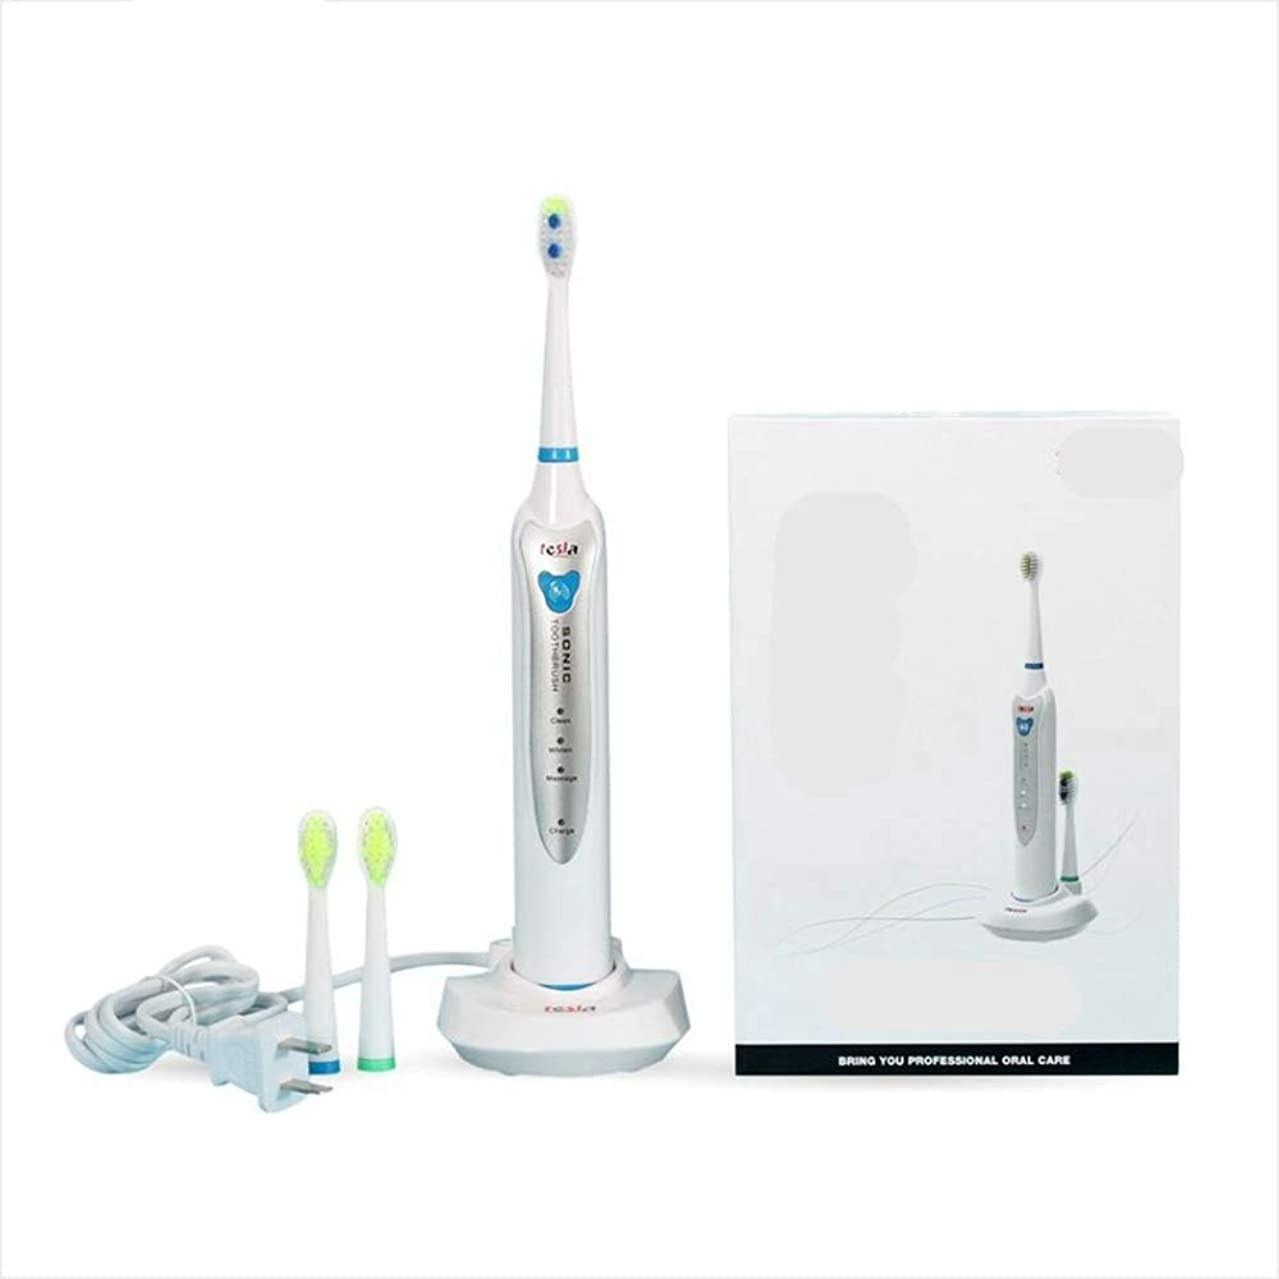 アストロラーベセールスマンオープニングHOHYLLYA 充電式電動歯ブラシを充電ソニック電動歯ブラシの大人の電動歯ブラシの無線 (色 : White)